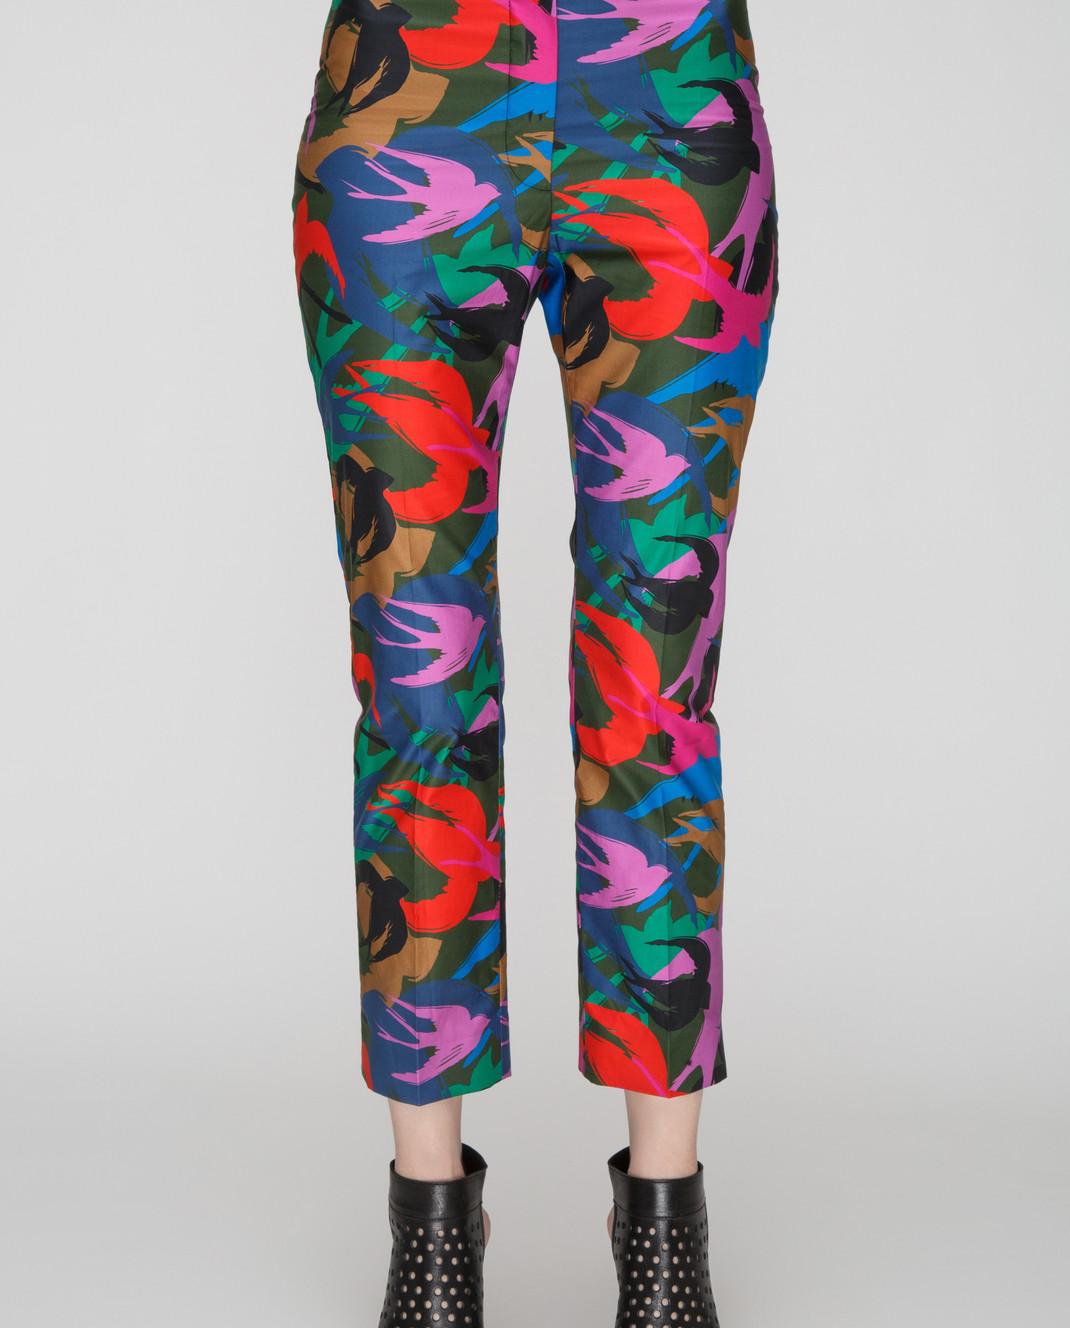 Sonia Rykiel Темно-зеленые брюки 15329342 изображение 3